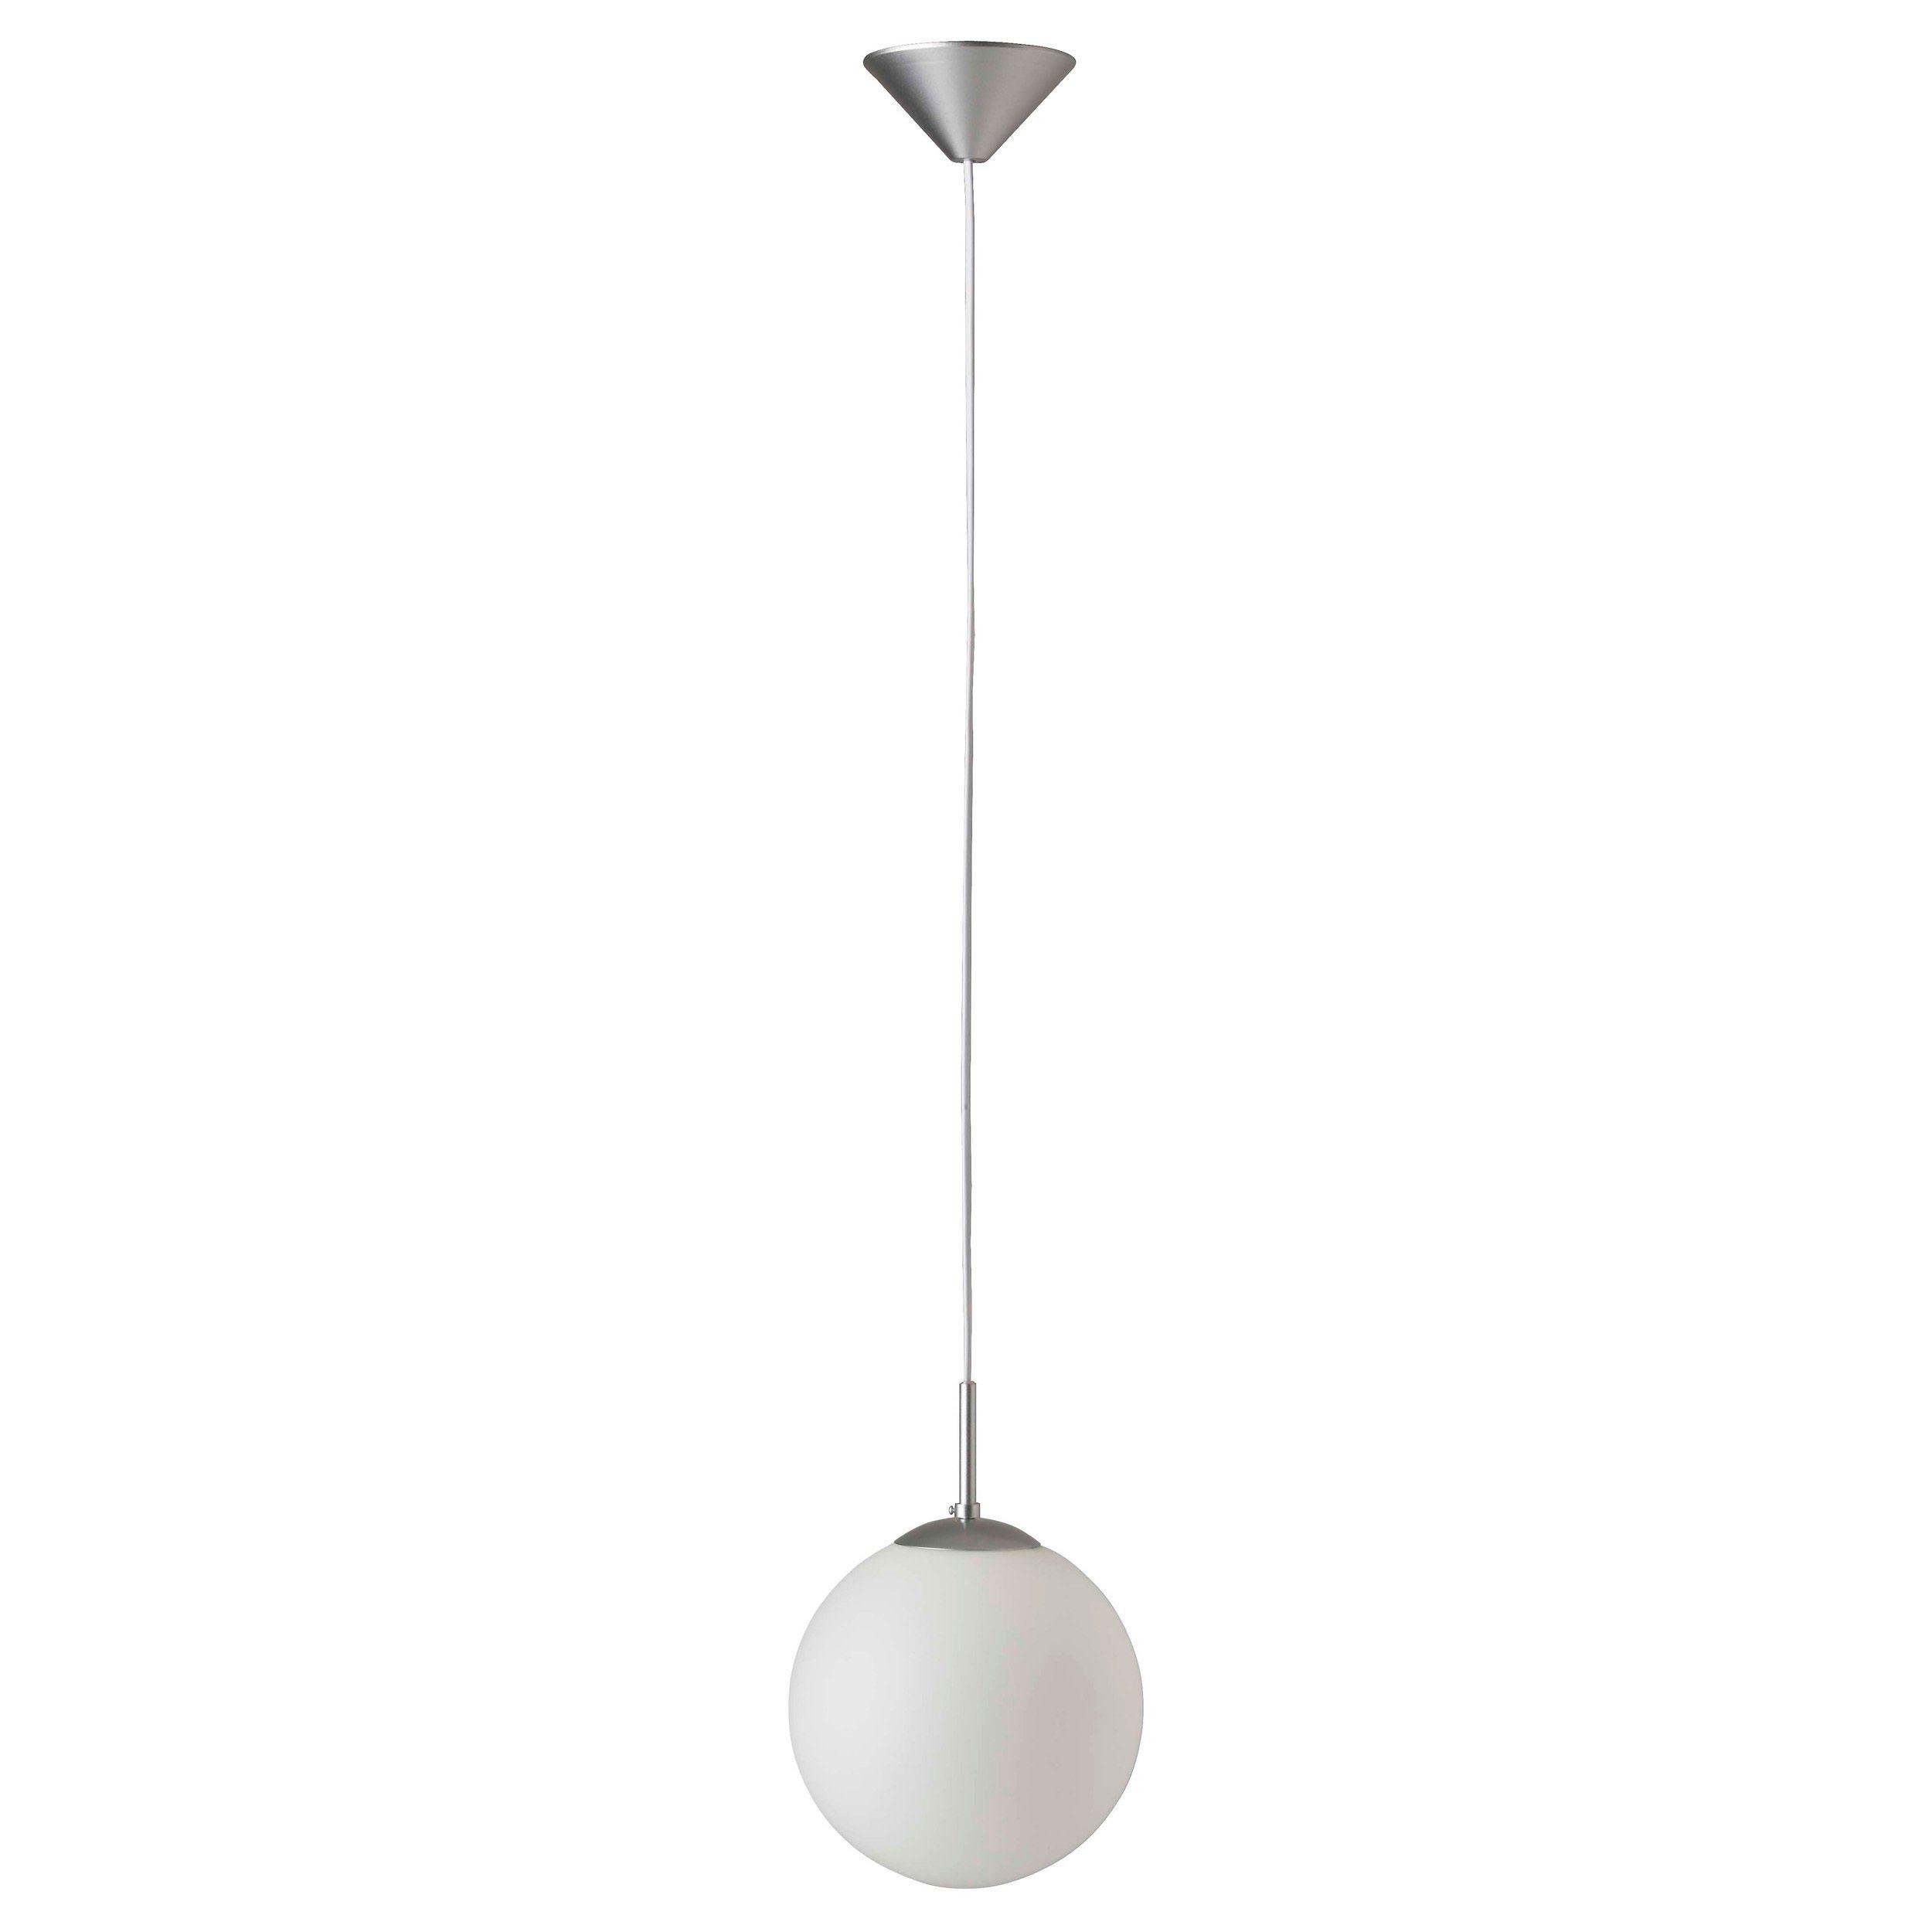 Brilliant Leuchten Fantasia Pendelleuchte, 1-flammig 20cm silber/weiß